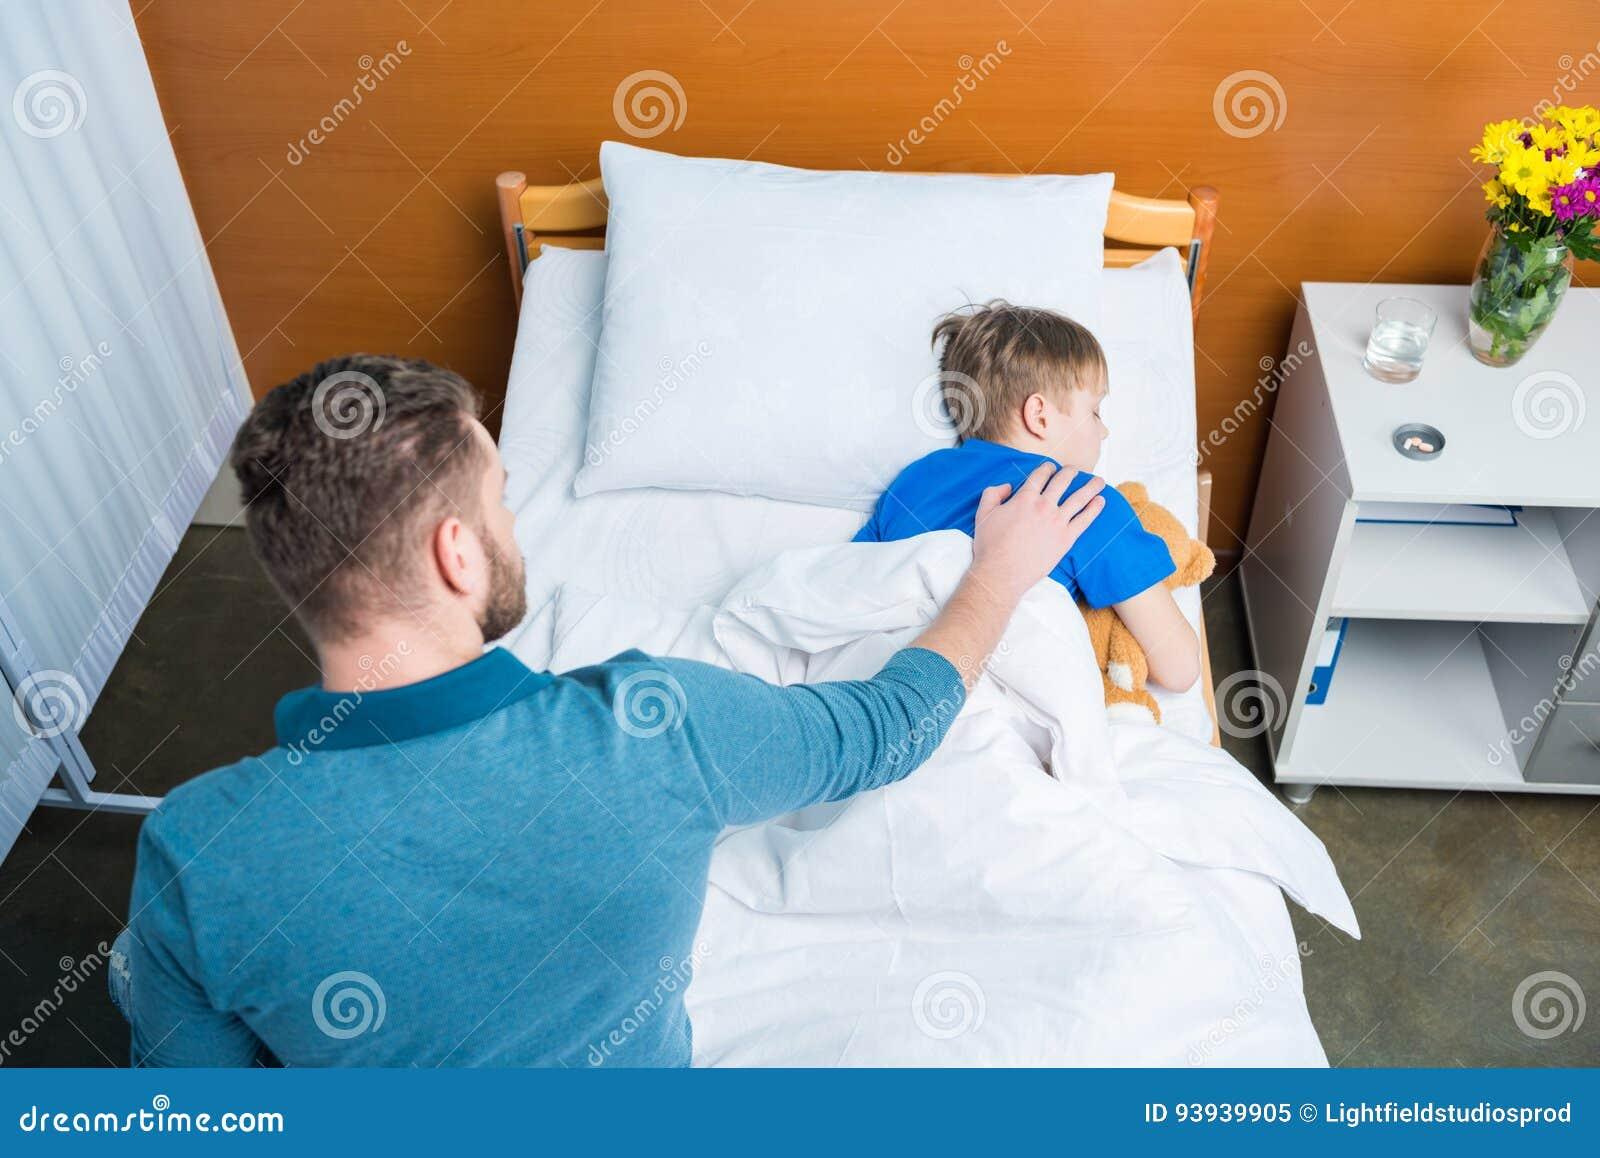 Angolo Letto Ospedale : Punto di vista dell angolo alto figlio malato commovente del padre